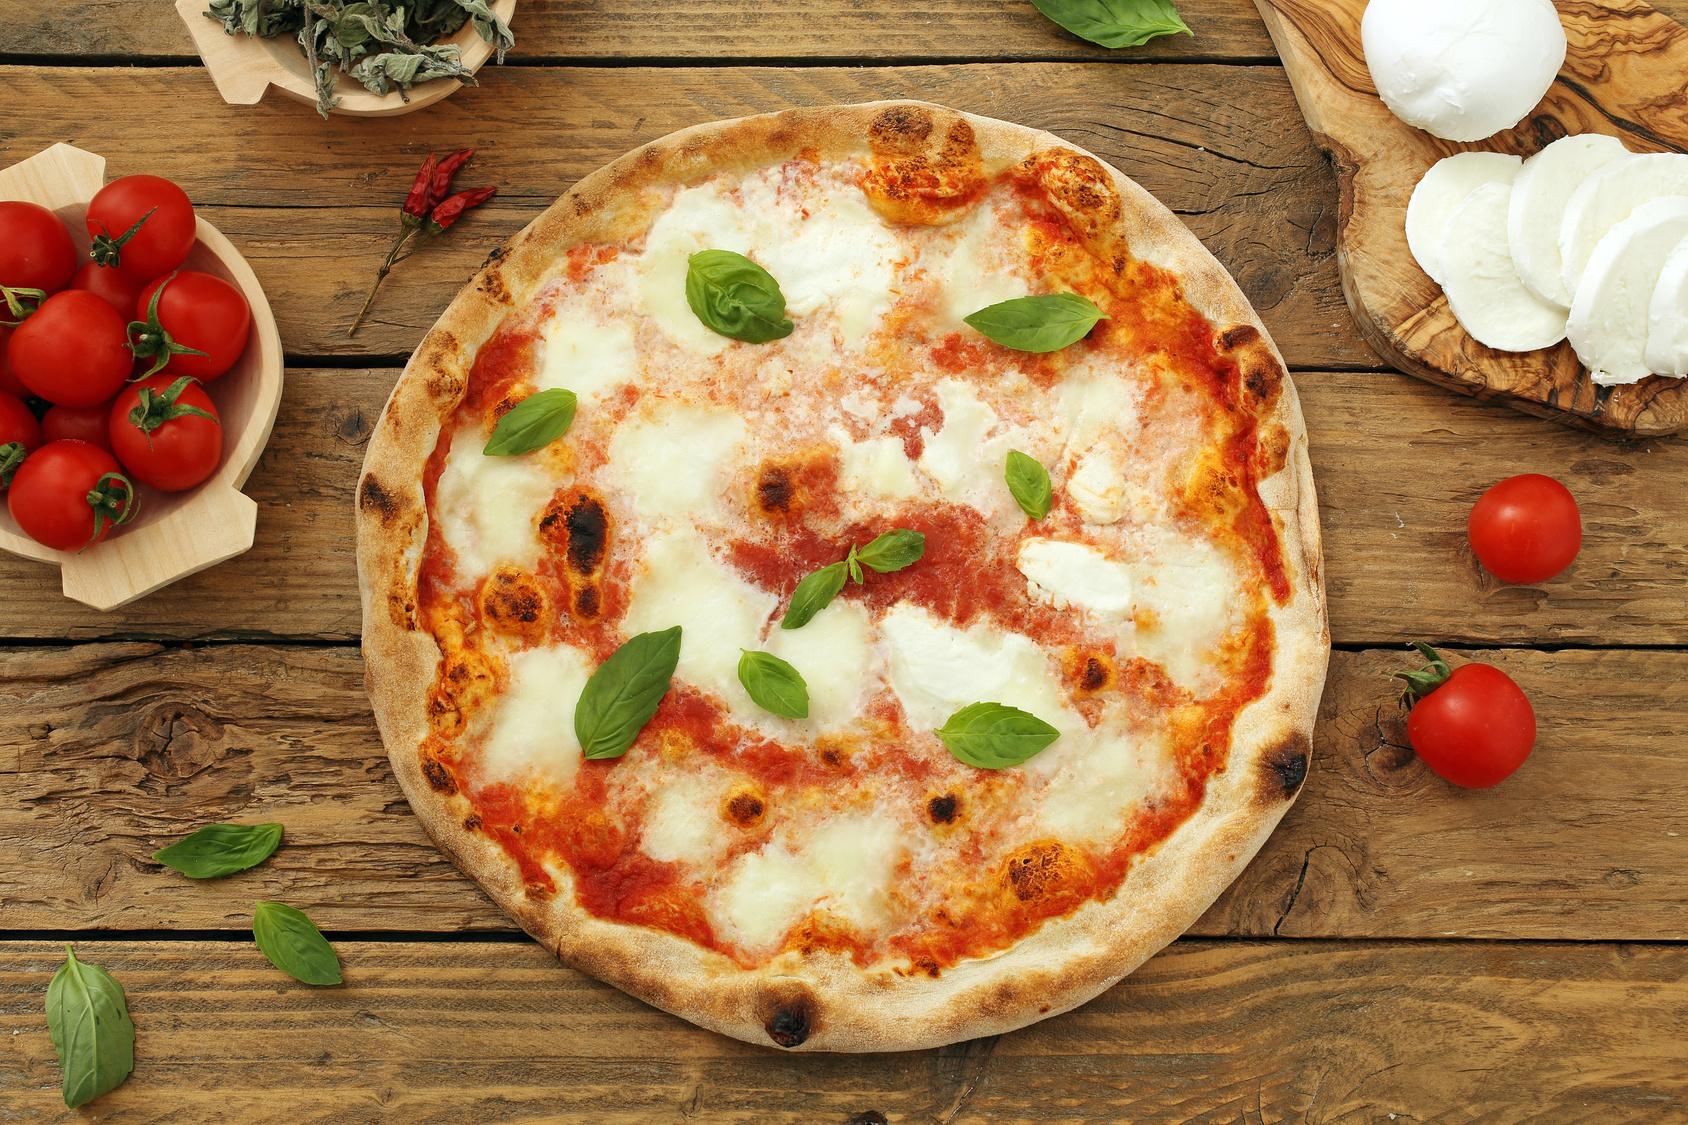 A dicembre 2017 la pizza napoletana è stata consacrata patrimonio Unesco grazie ad una raccolta di firme in tutto il mondo.